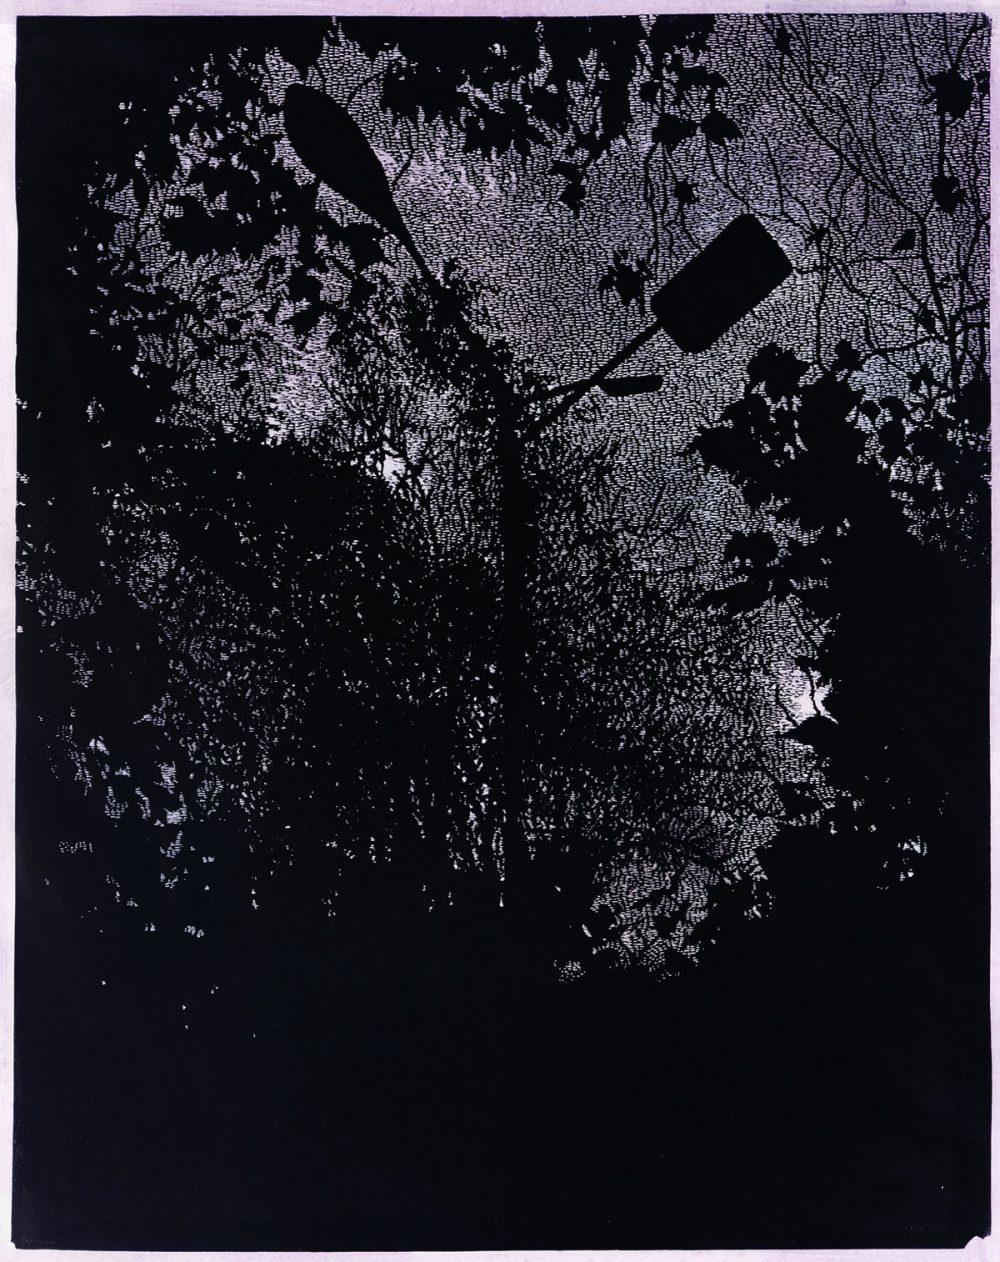 Hof (2010), Linolschnitt auf Papier, 80 x 64 cm, Ed. 5